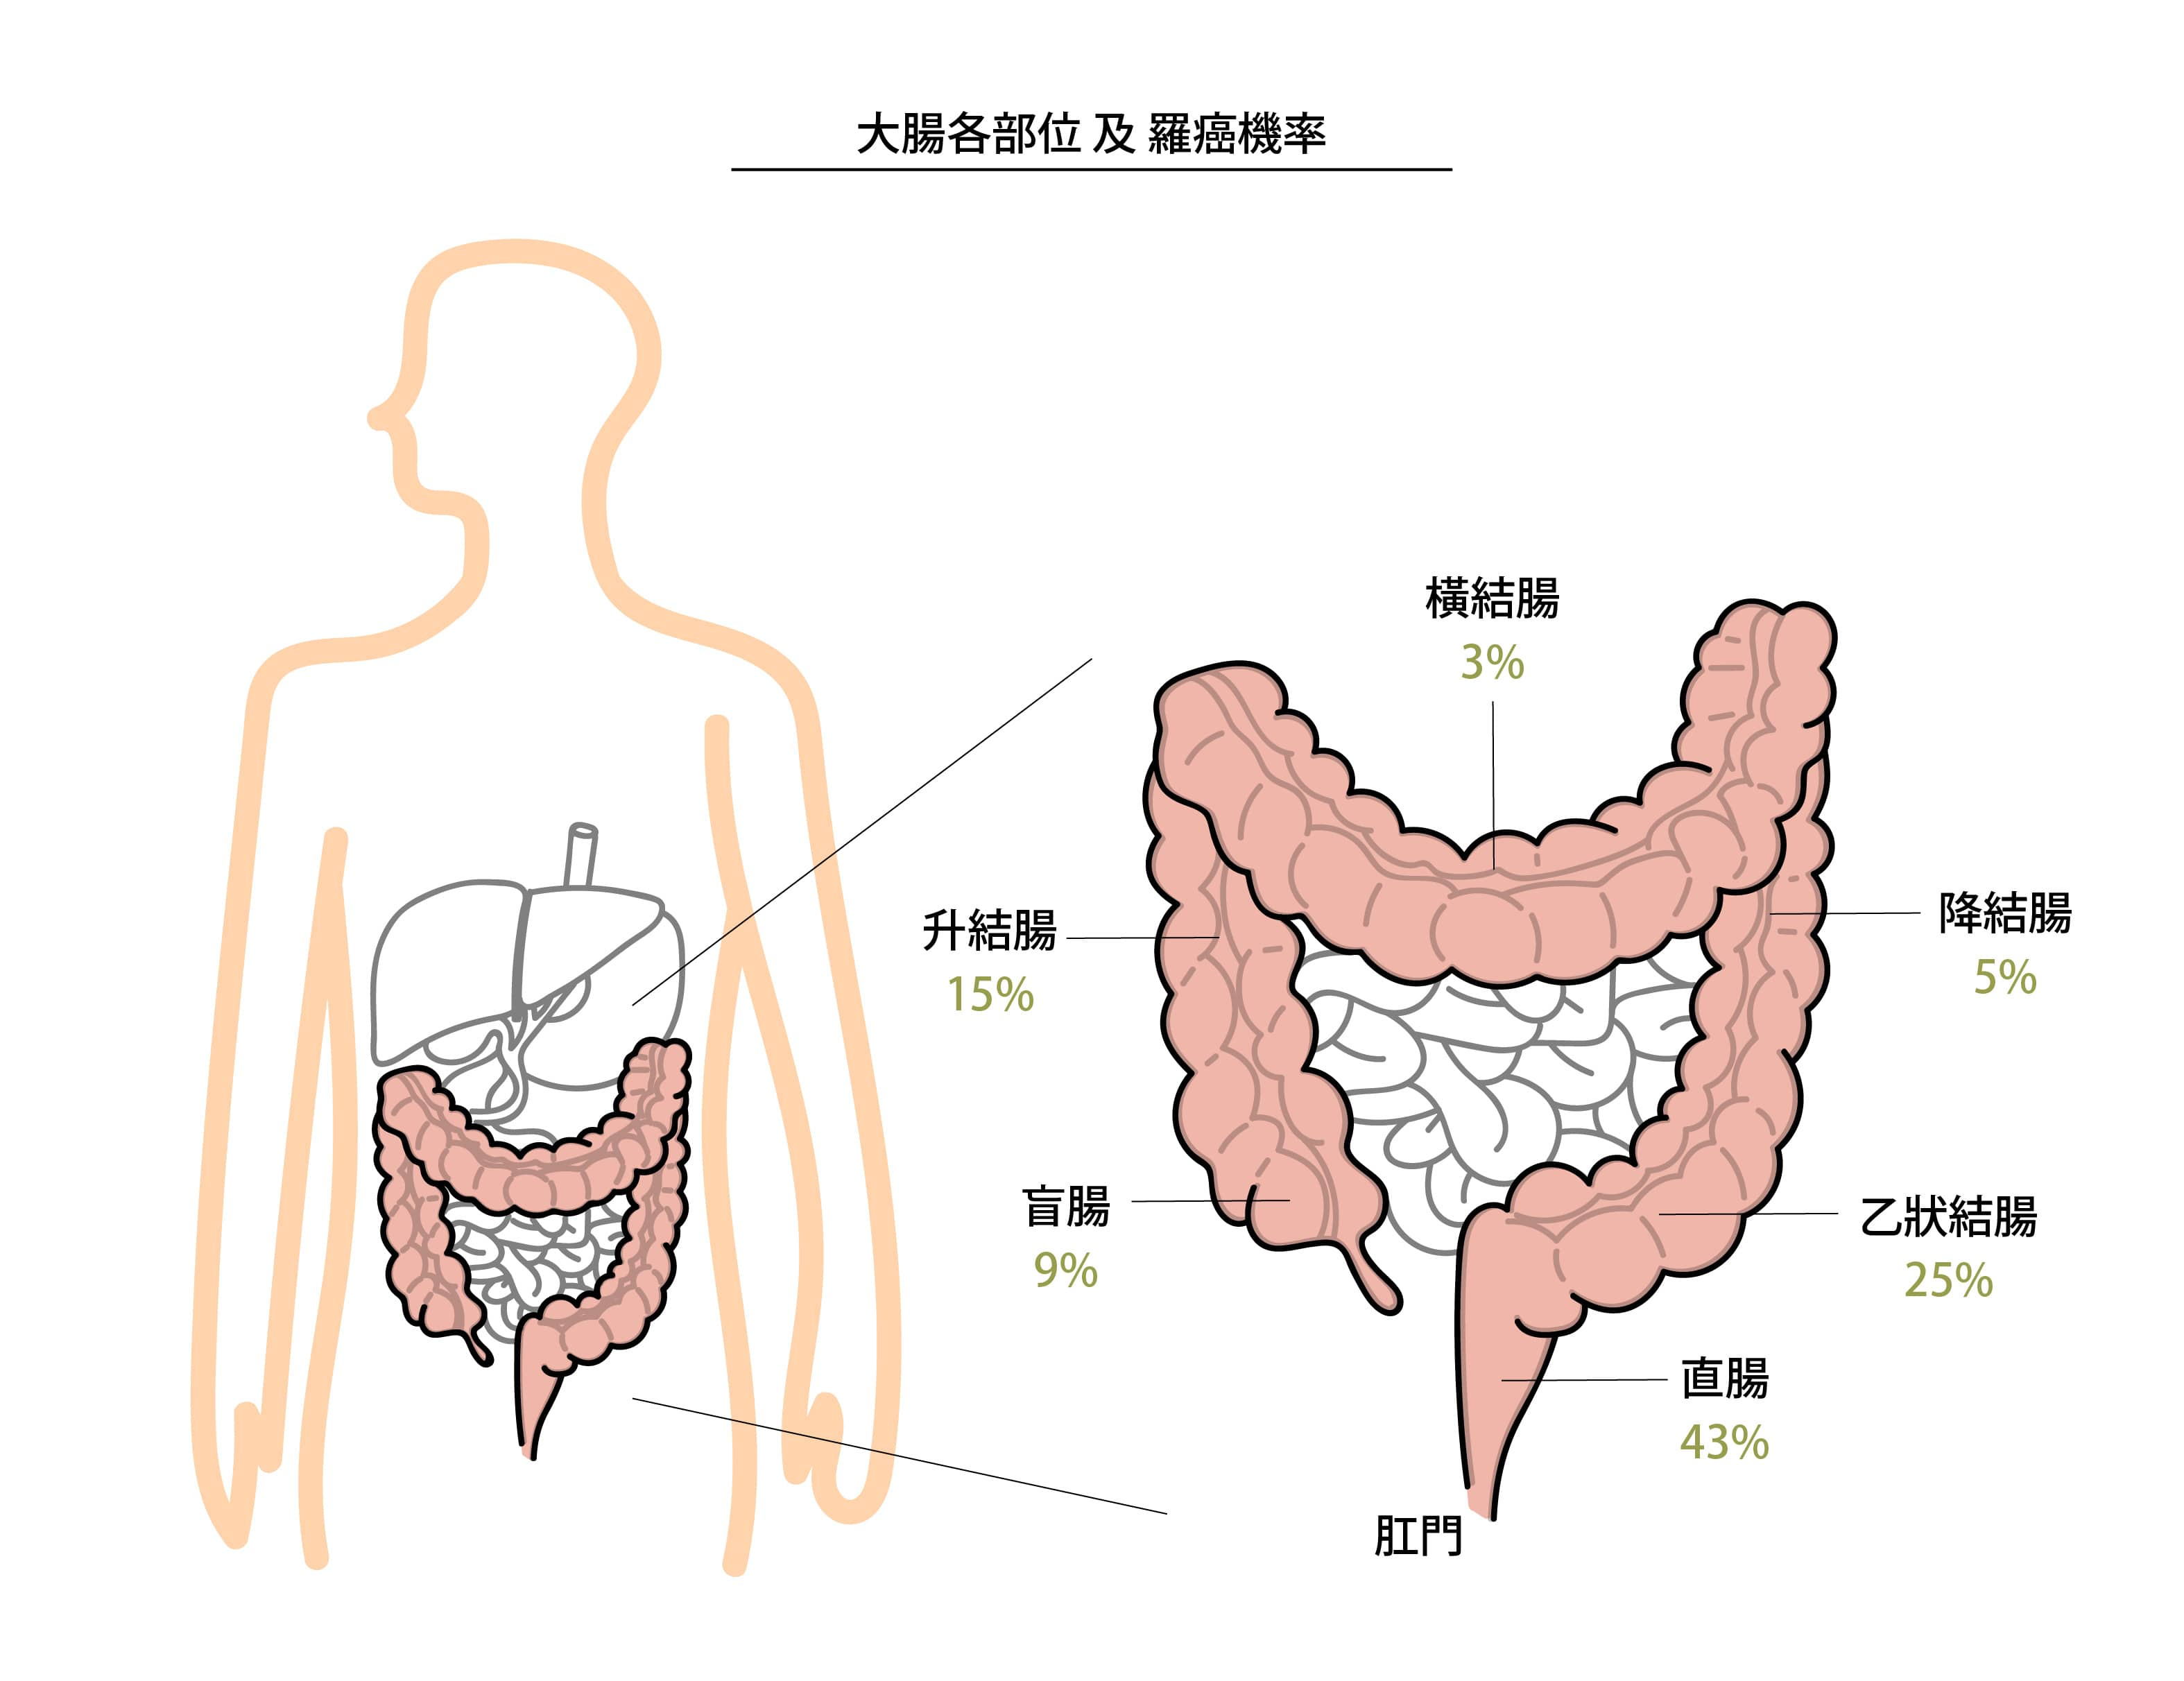 大腸各部位及患癌機率